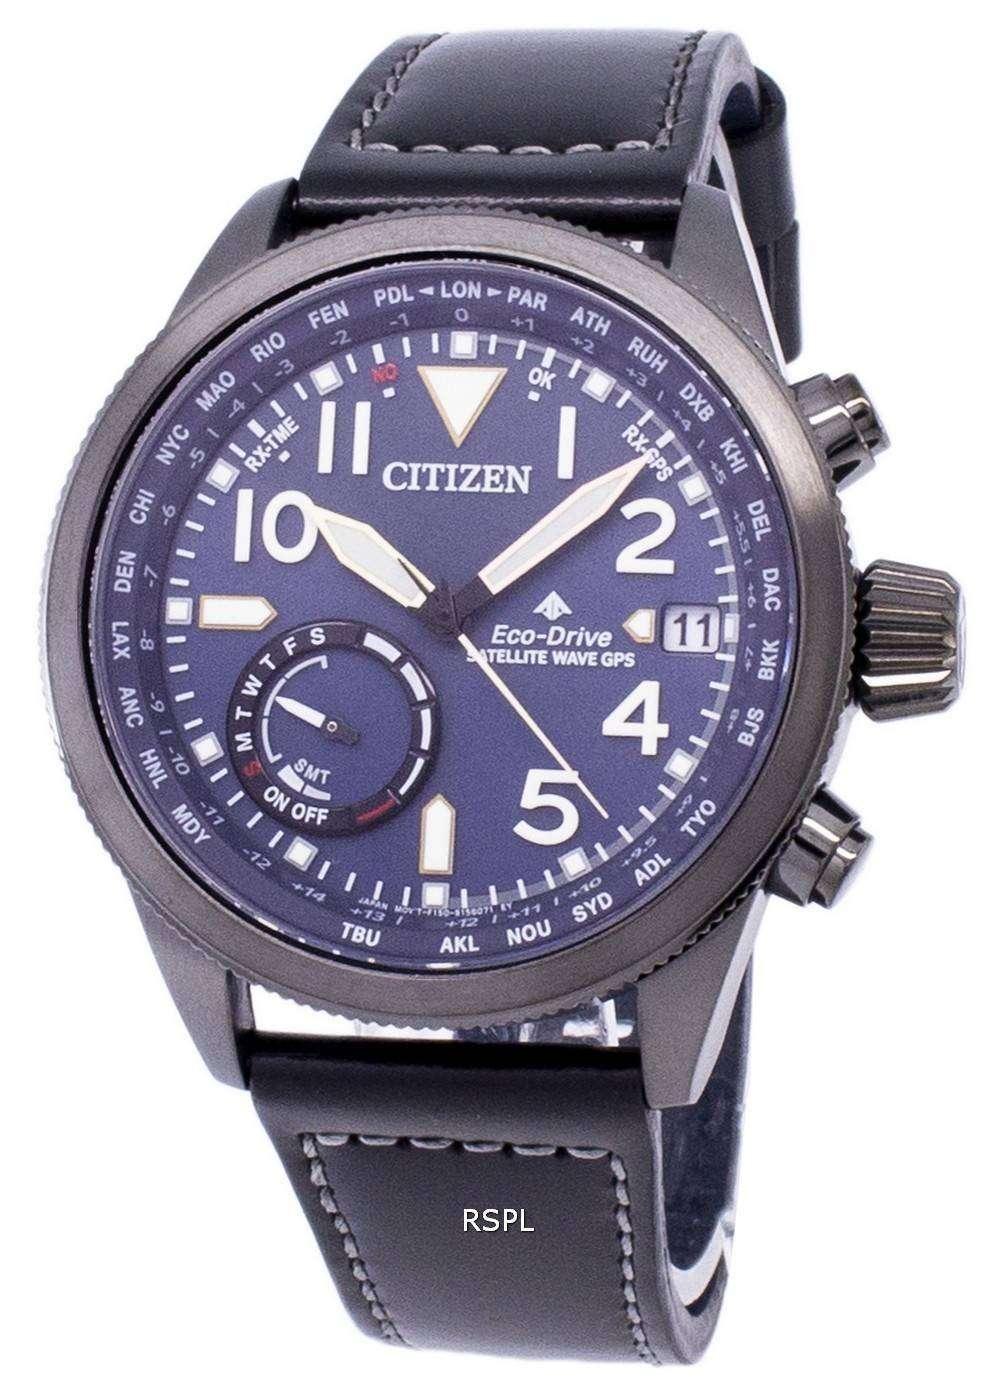 ec17a90efa9 Citizen Promaster Eco-Drive Satellite Wave GPS CC3067-11L Men s Watch